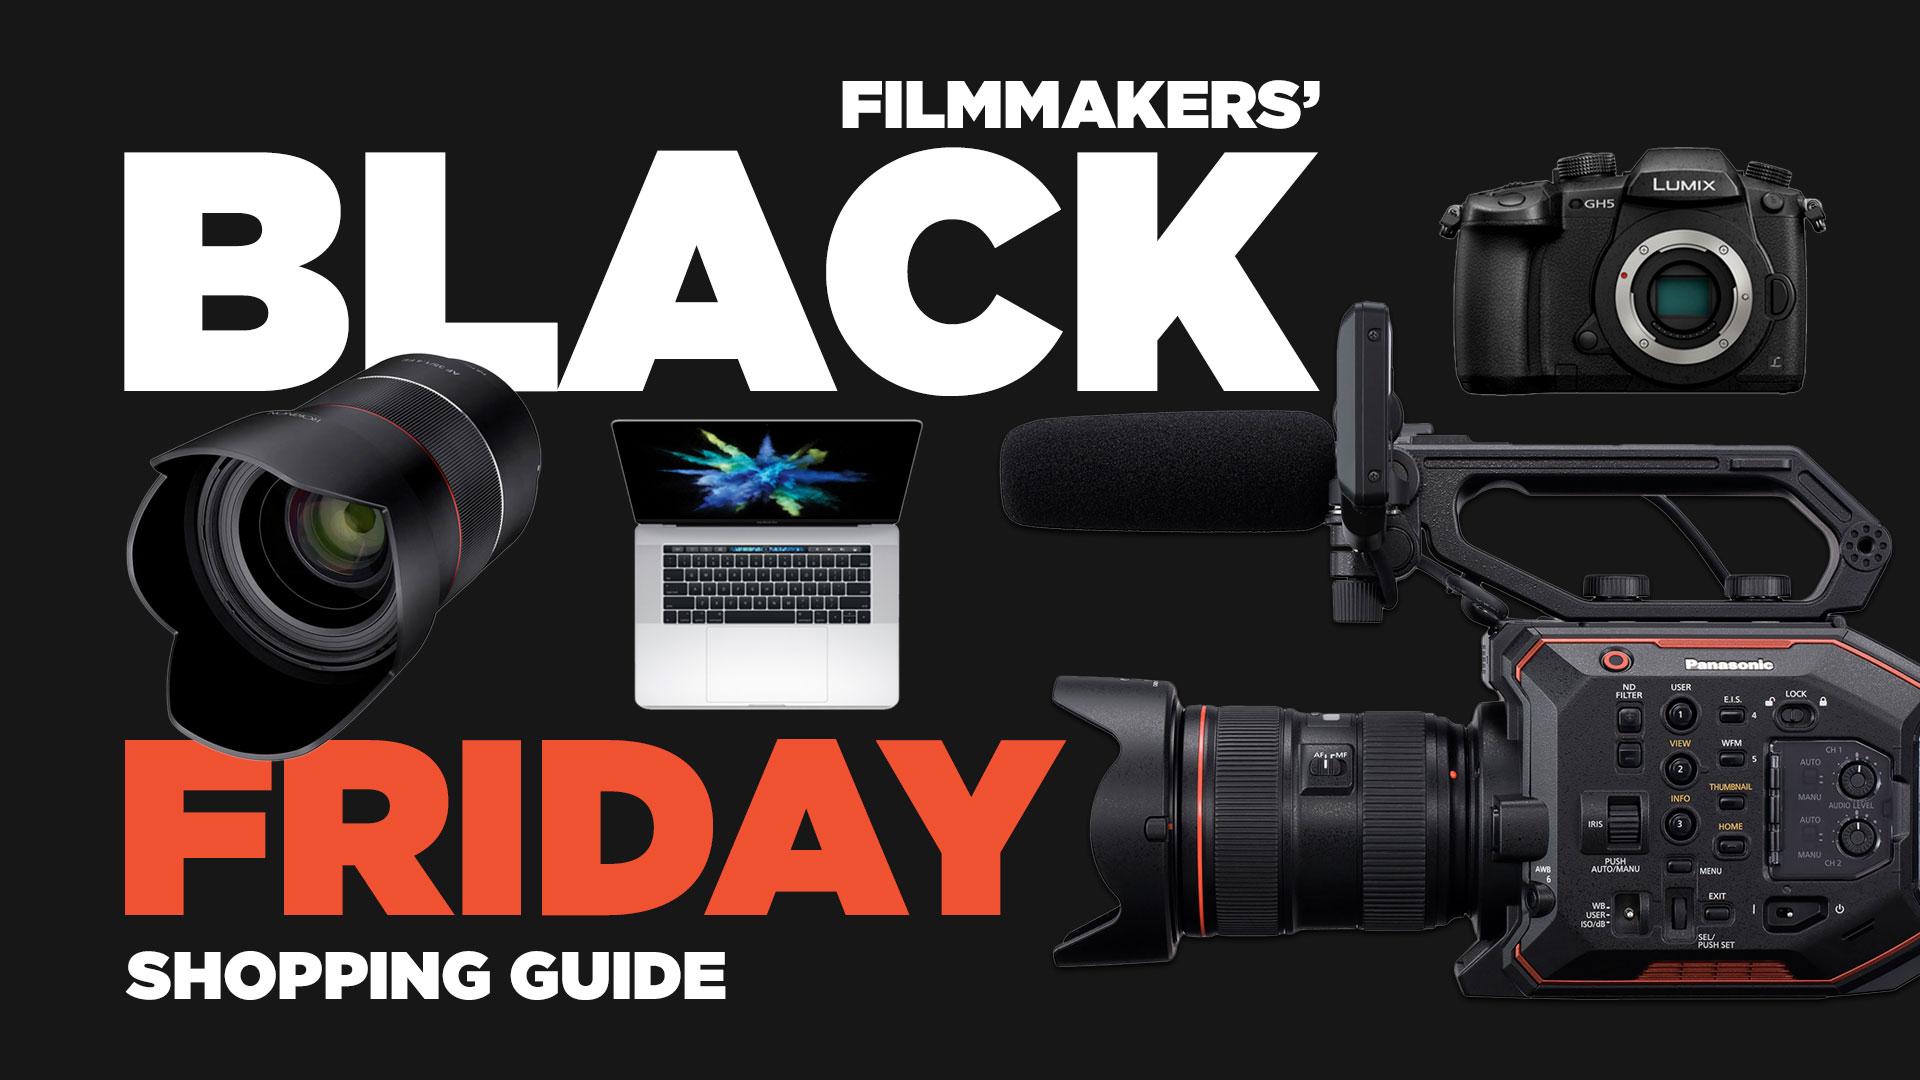 Guía de Compras de Black Friday para cineastas: GH5, A9, 80D, EVA-1, MZED, DJI y mucho más